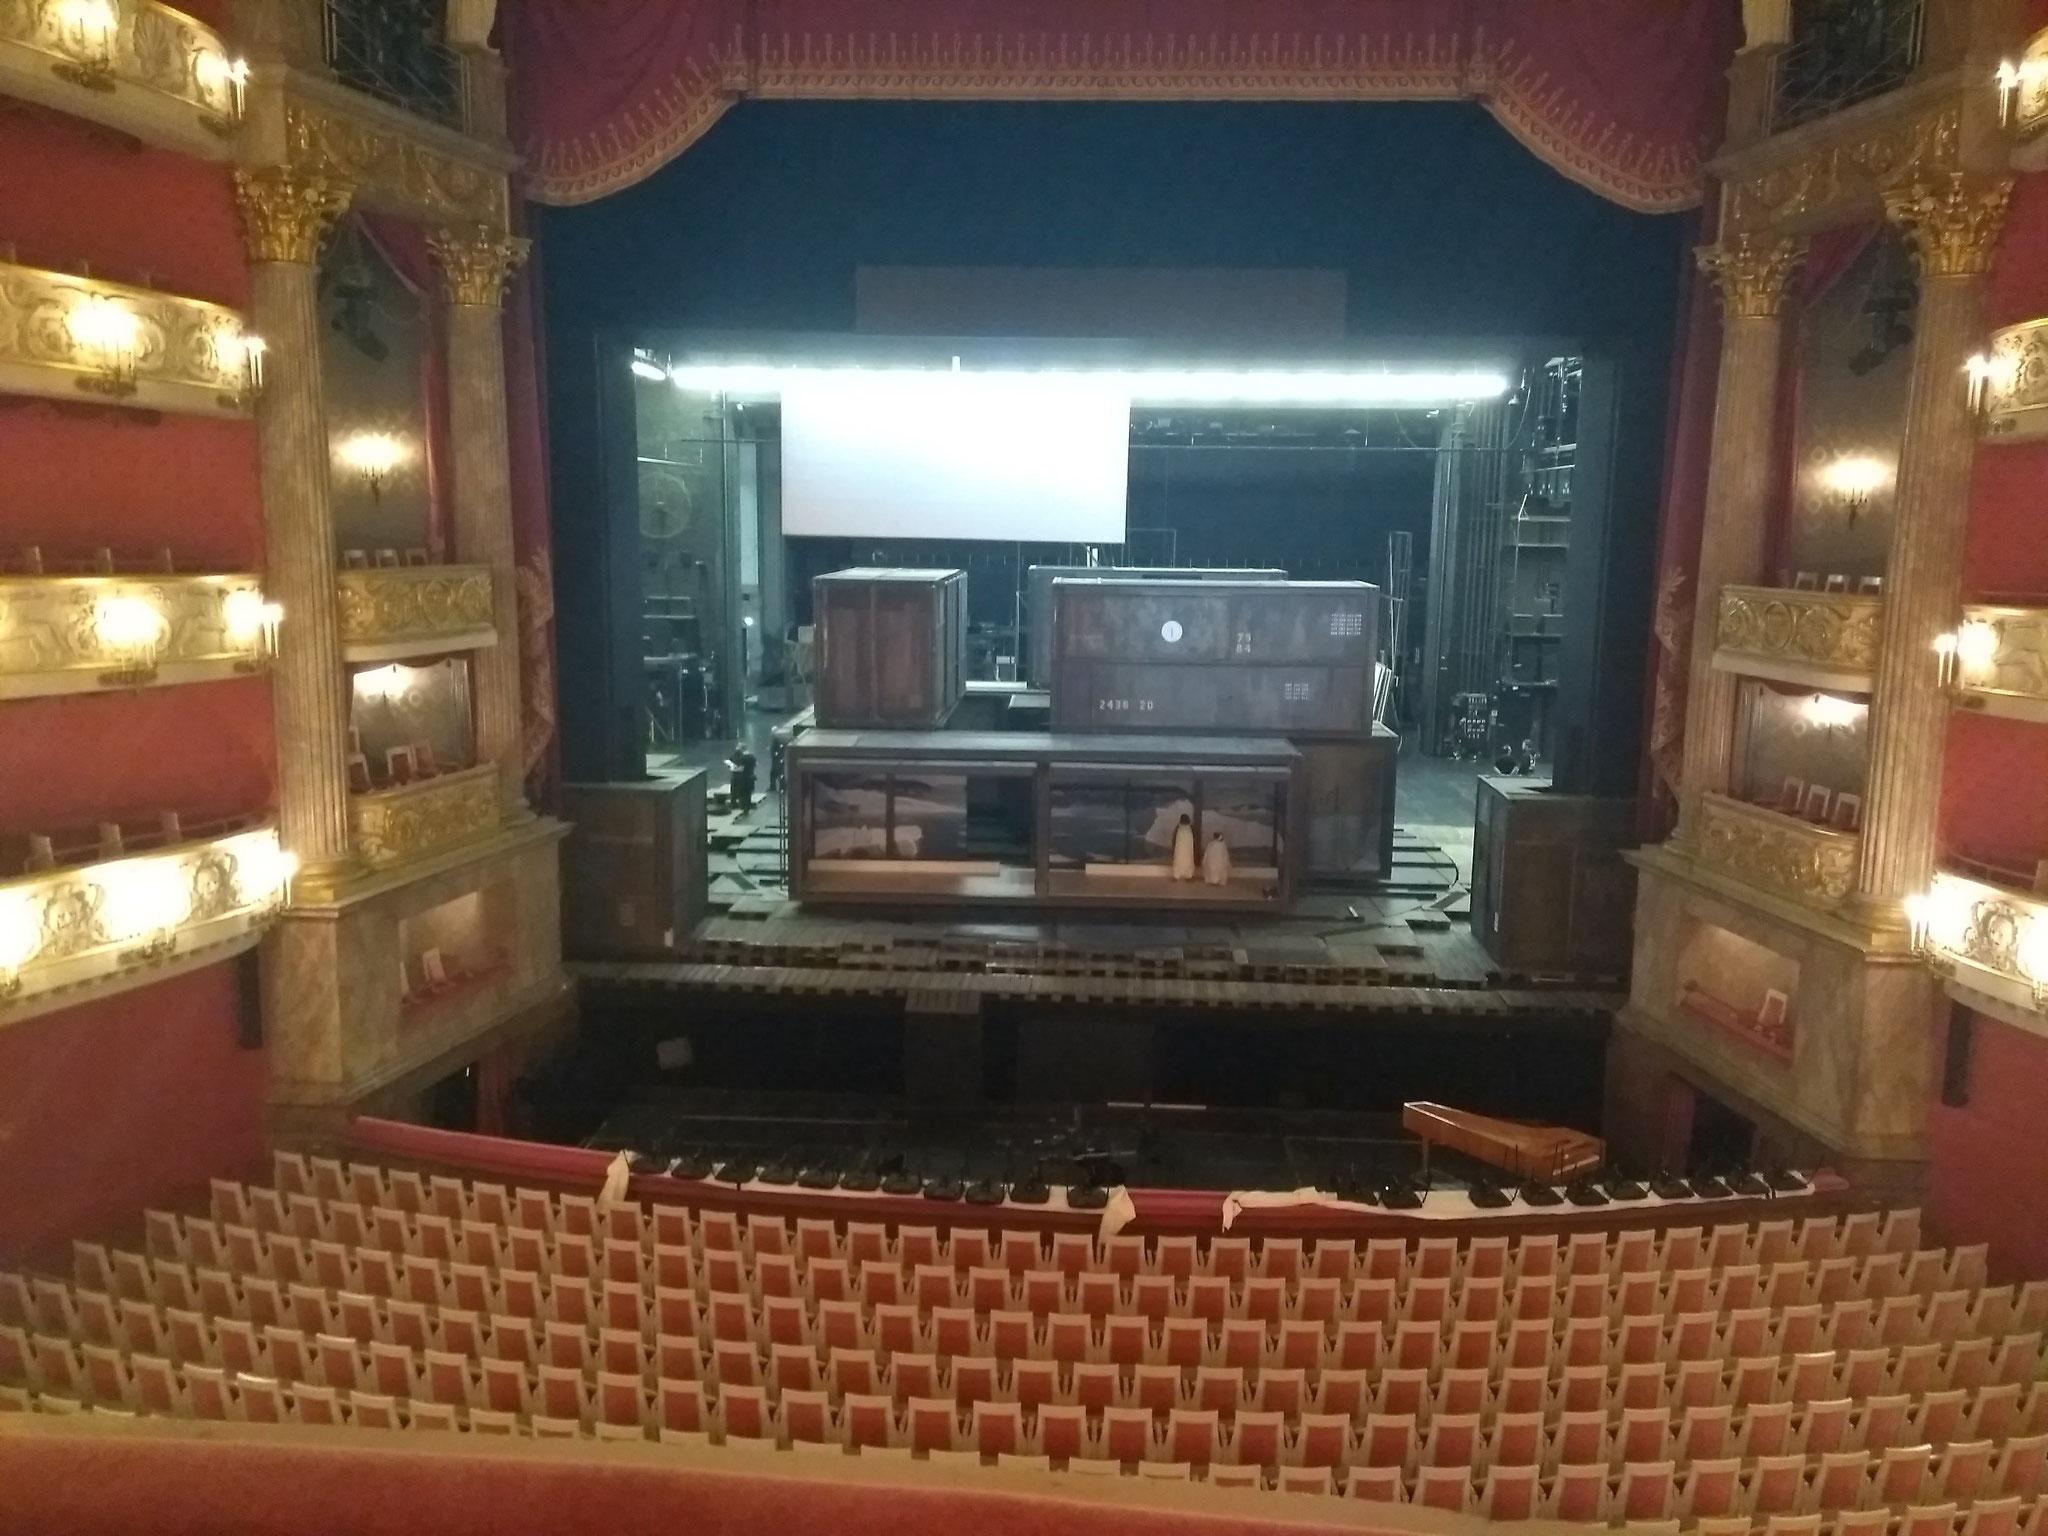 バイエルン歌劇場での新国立劇場オペラ研修生の2週間の研修にて、ピアニスト兼通訳として参加させていただきました。(ドイツ・ミュンヘン2019年3月)